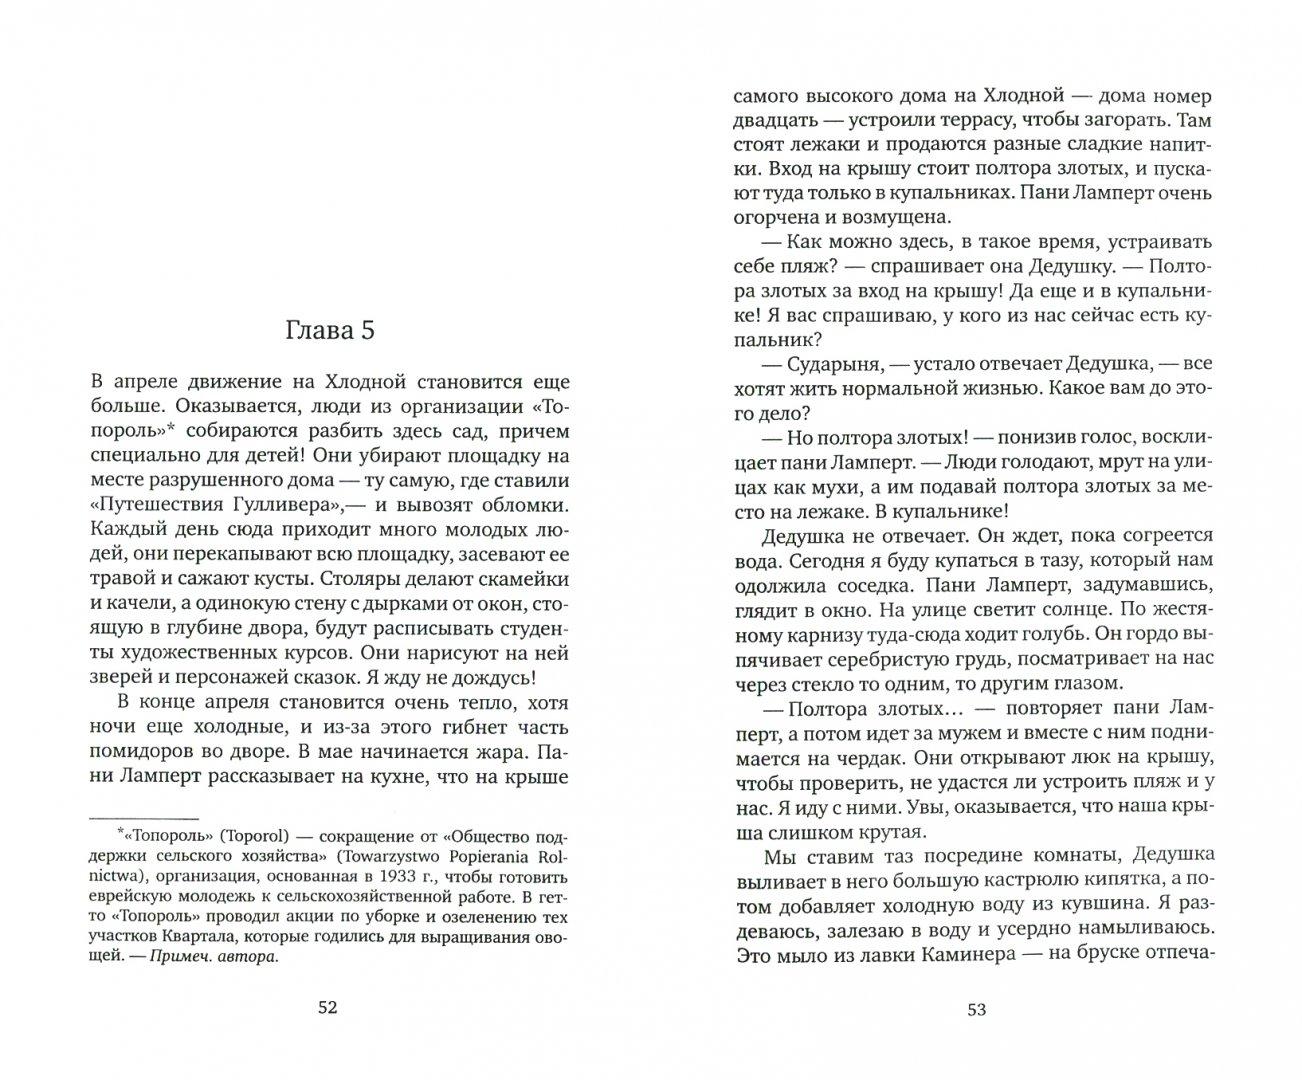 Иллюстрация 1 из 6 для Ковчег времени, или Большой побег Рафала из Когда-то в Сейчас через Тогда - и обратно - Марцин Щигельский   Лабиринт - книги. Источник: Лабиринт